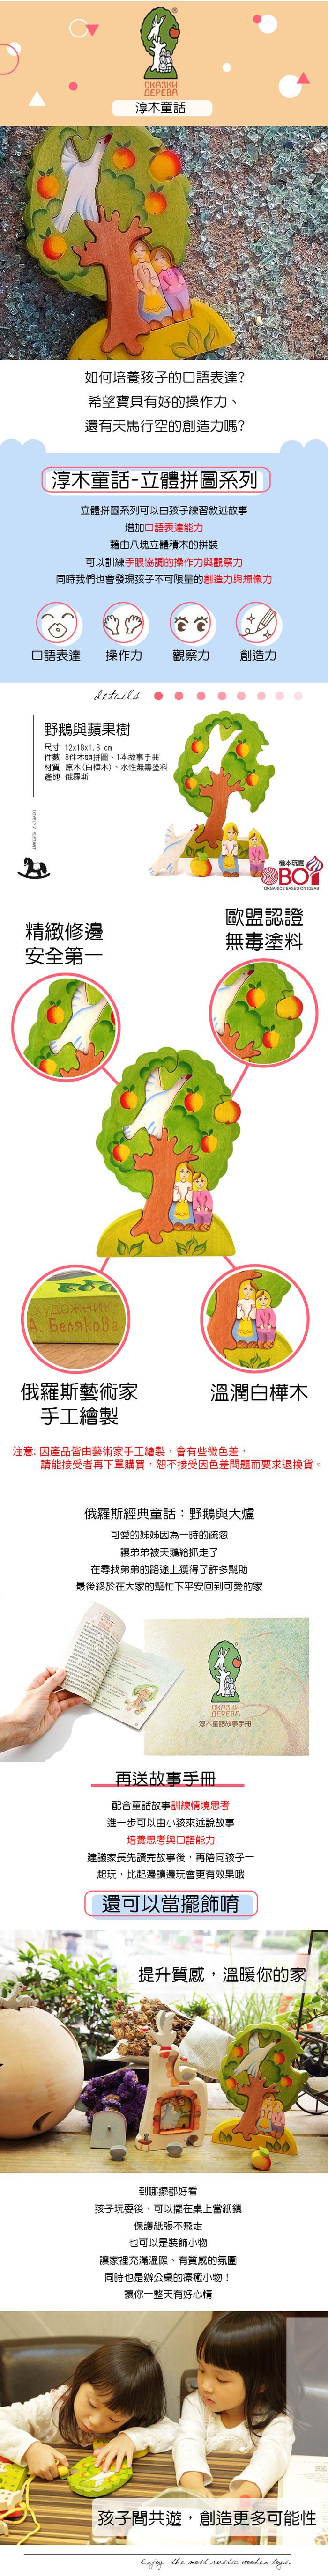 (複製)淳木童話|布萊梅音樂家在樹上立體木頭拼圖